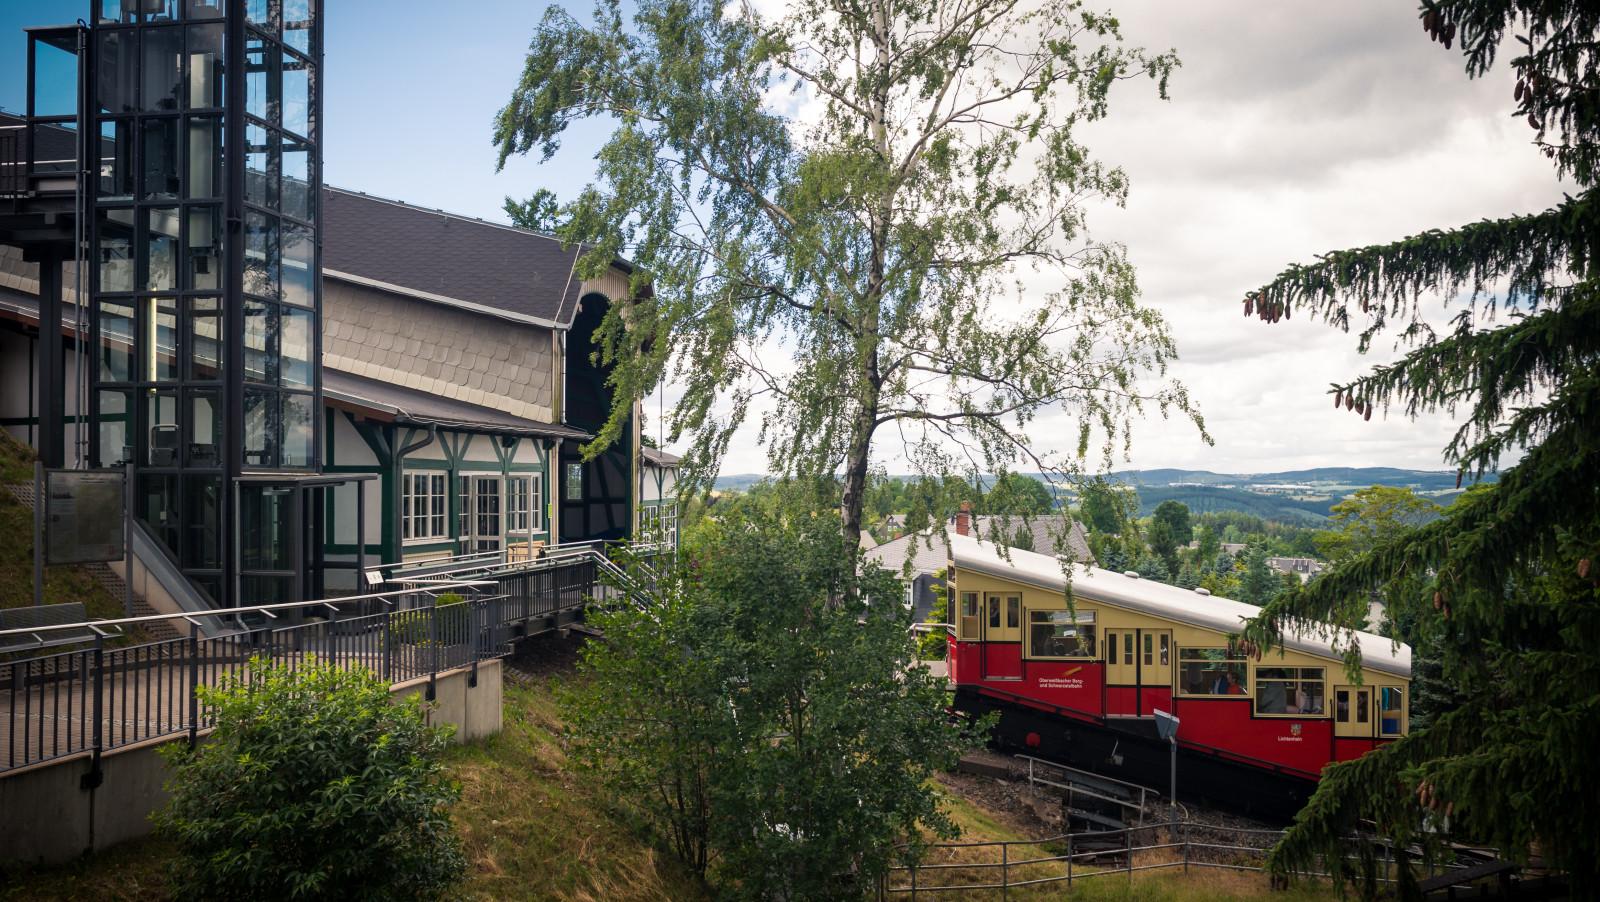 Die Bergbahn durch den Schwarzwald fährt vom Bahnhof Obstfelderschmiede zum Bahnhof Lichtenhain .